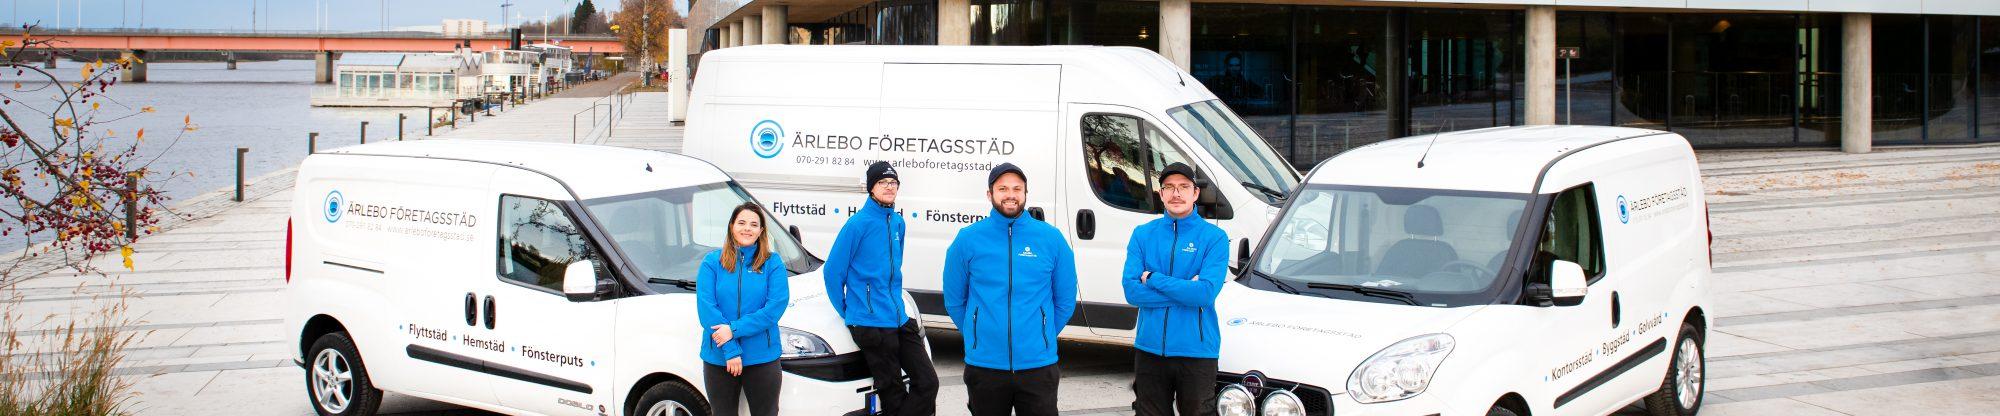 Ärlebo Företagsstäd AB